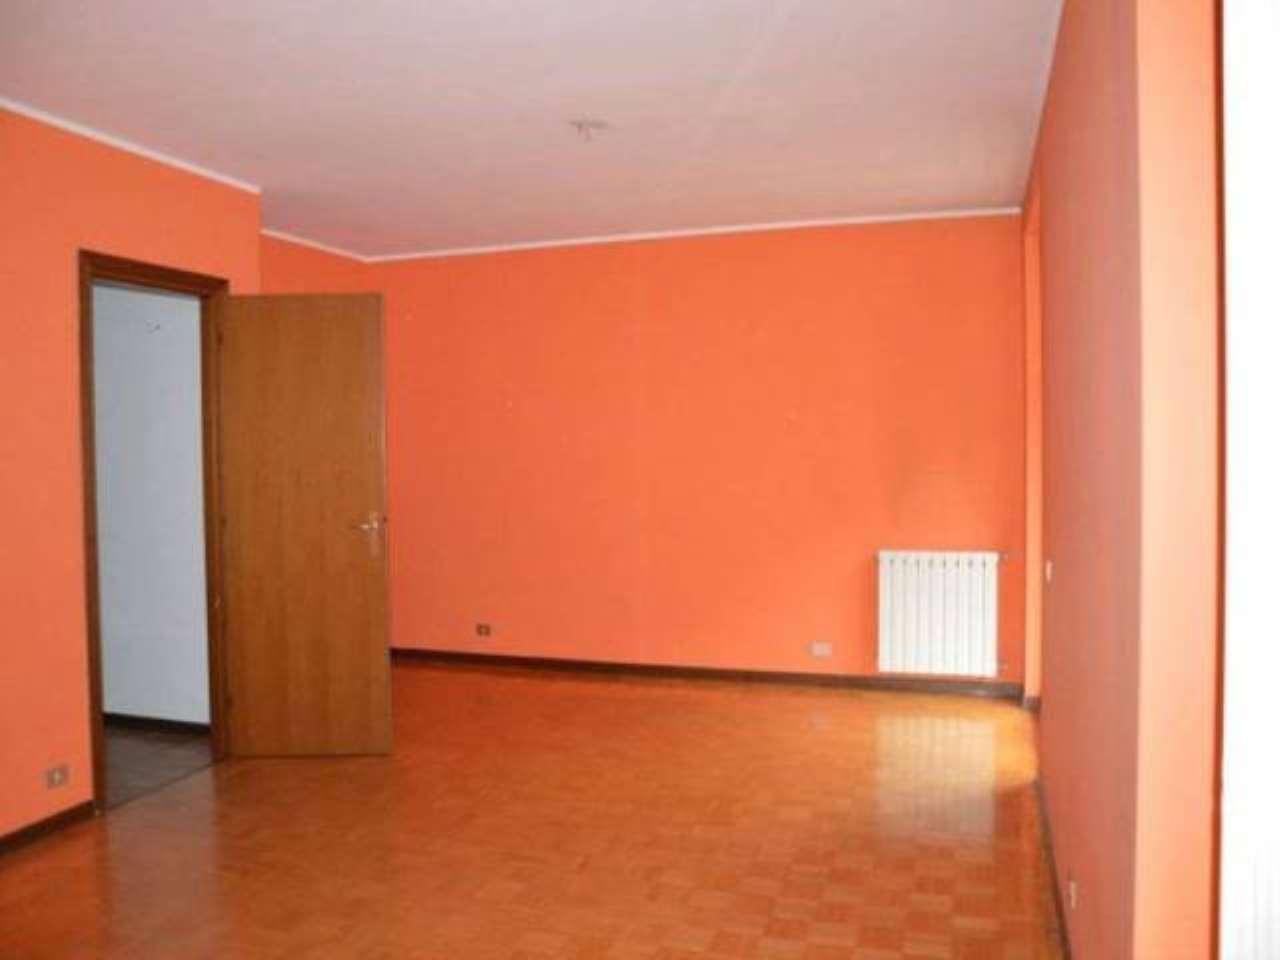 Ufficio / Studio in affitto a Cardano al Campo, 3 locali, prezzo € 500 | PortaleAgenzieImmobiliari.it